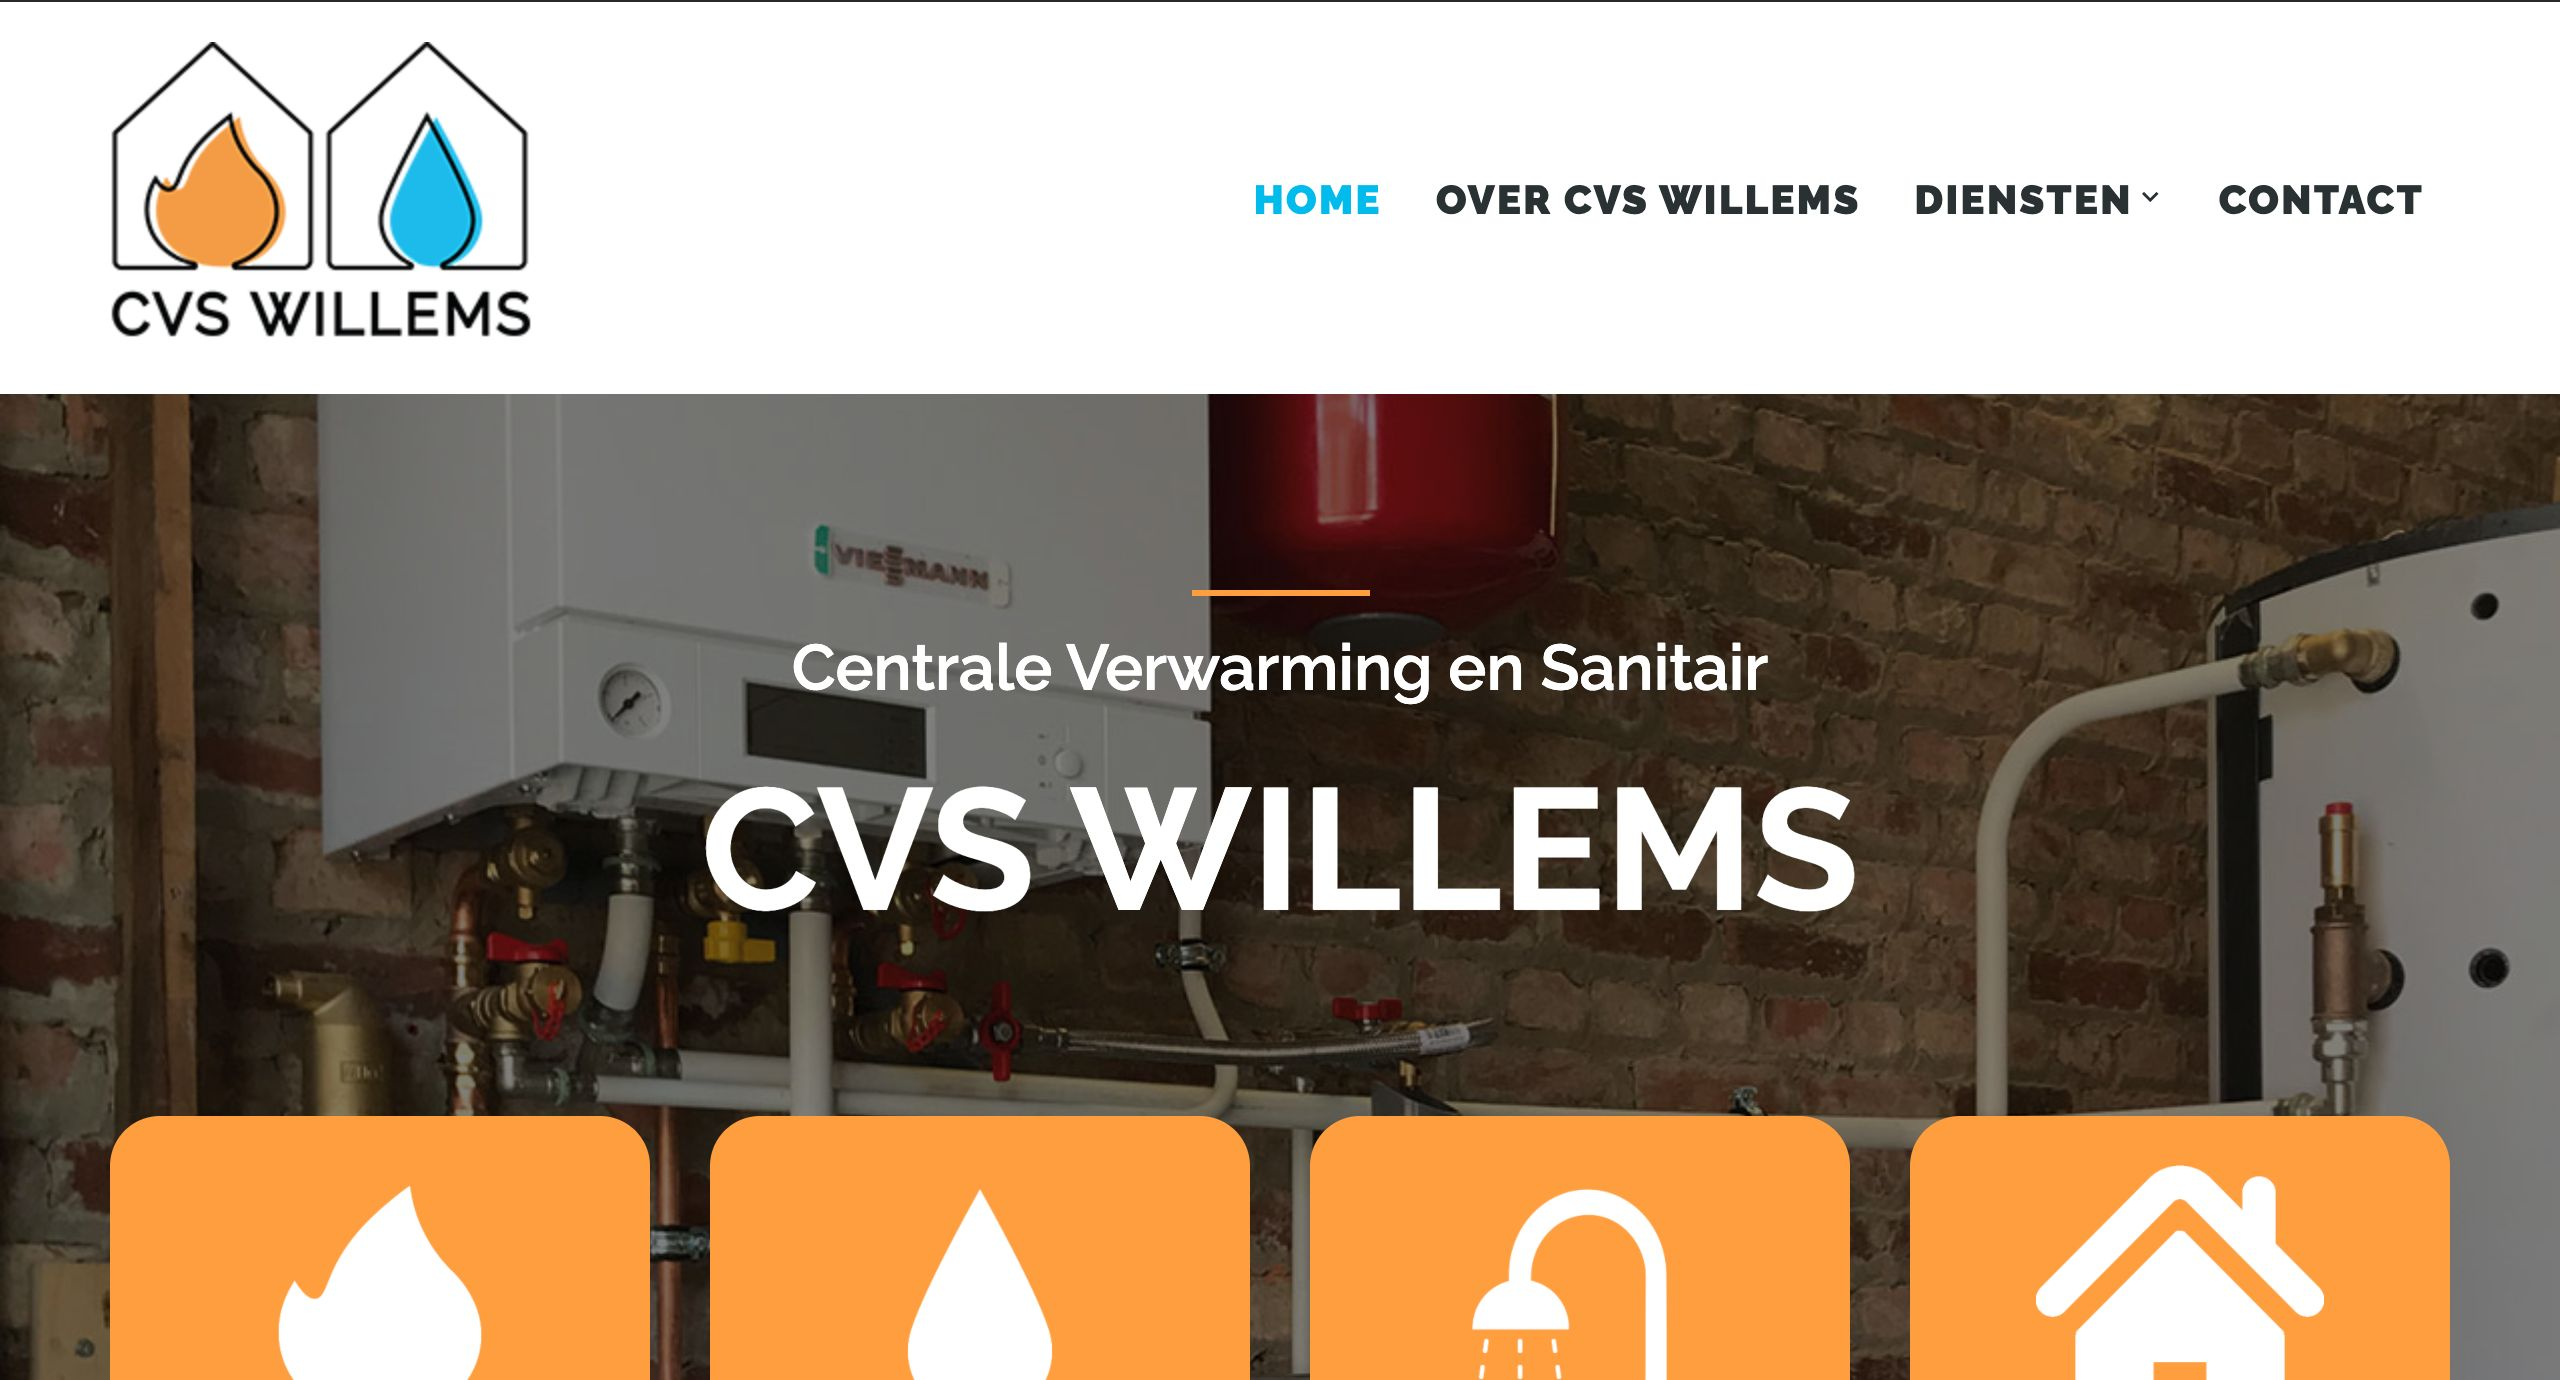 CVS Willems